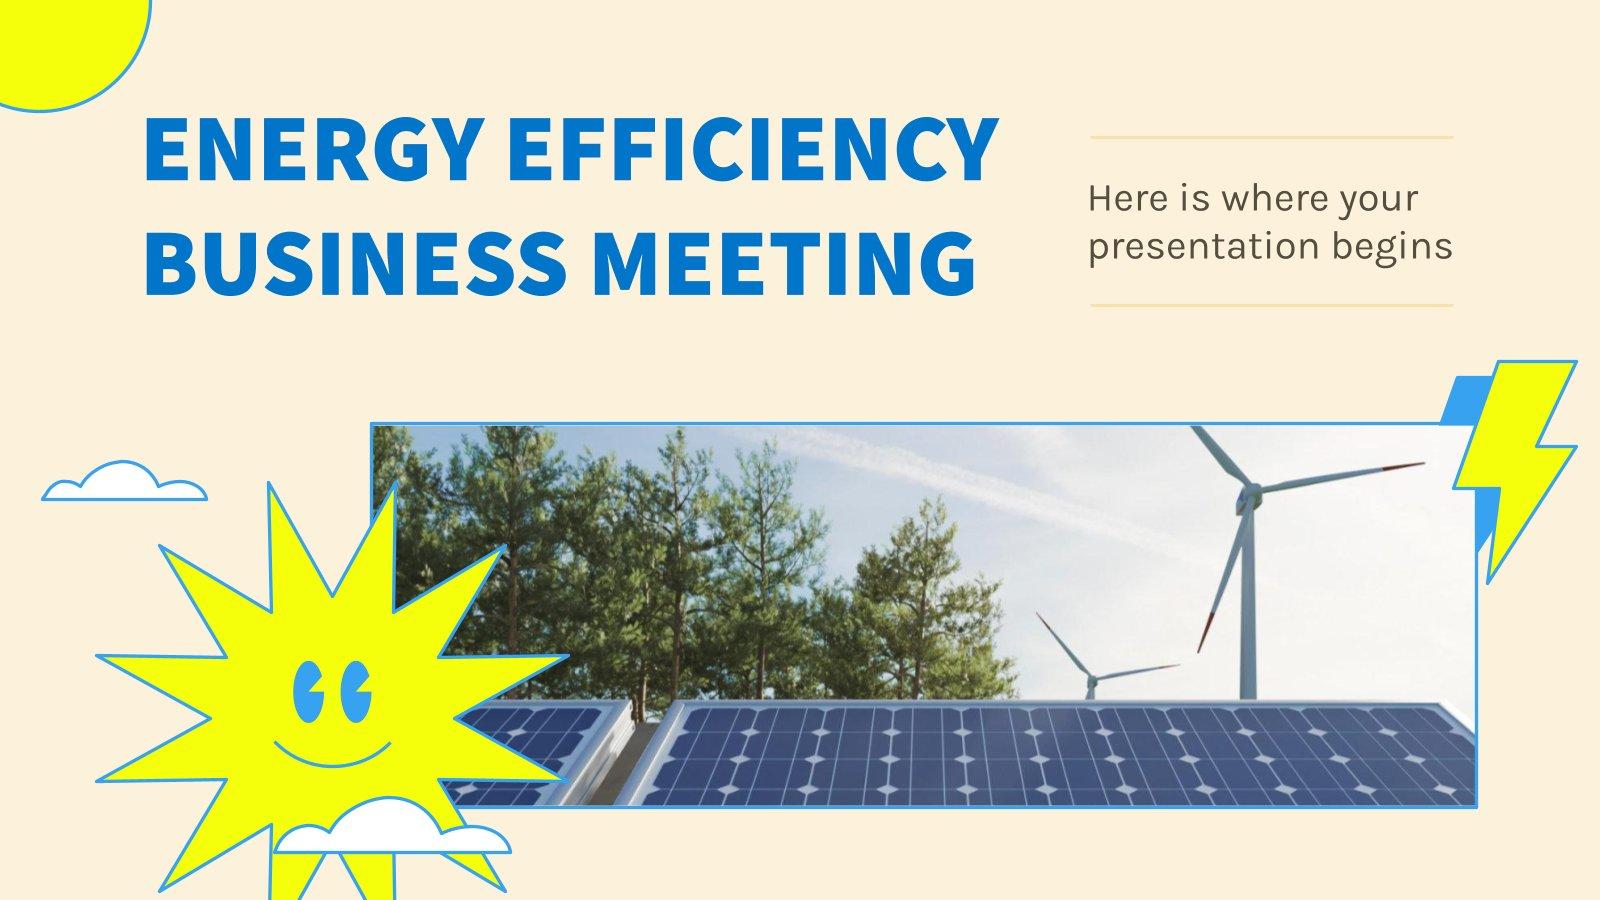 Réunion sur l'efficacité énergétique : Modèles de présentation